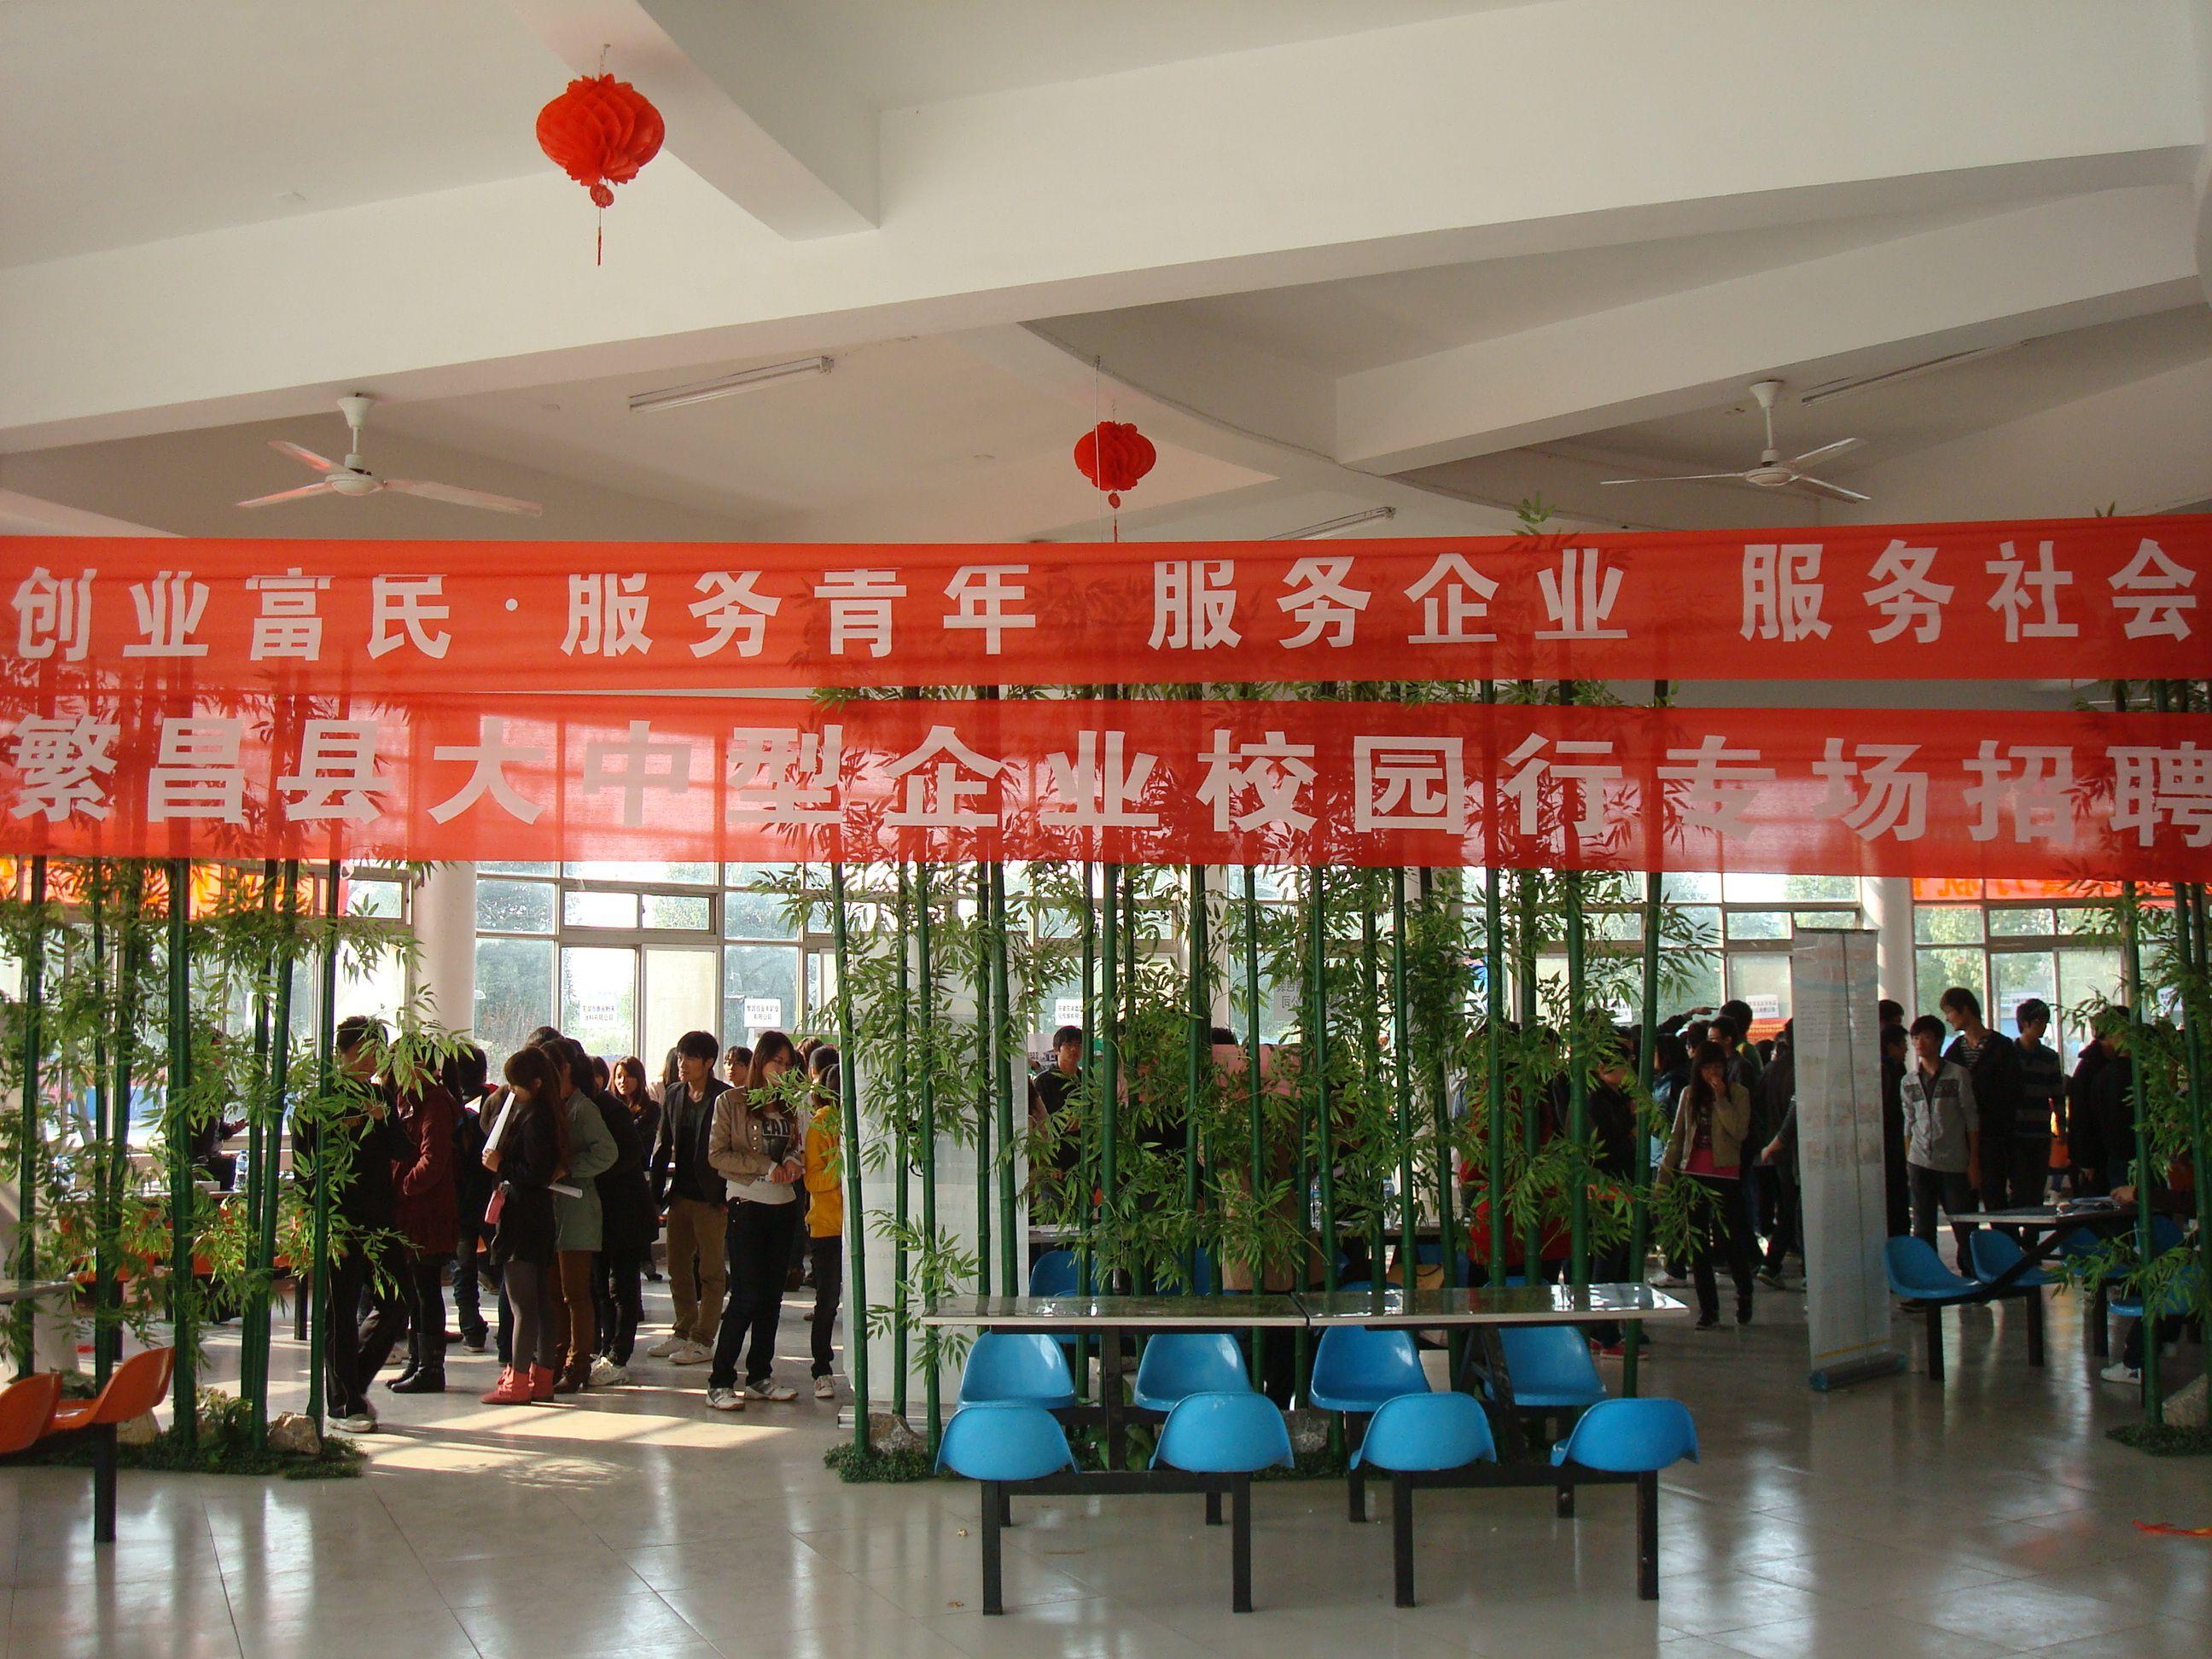 繁昌县大中型企业校园行专场招聘会成功举行